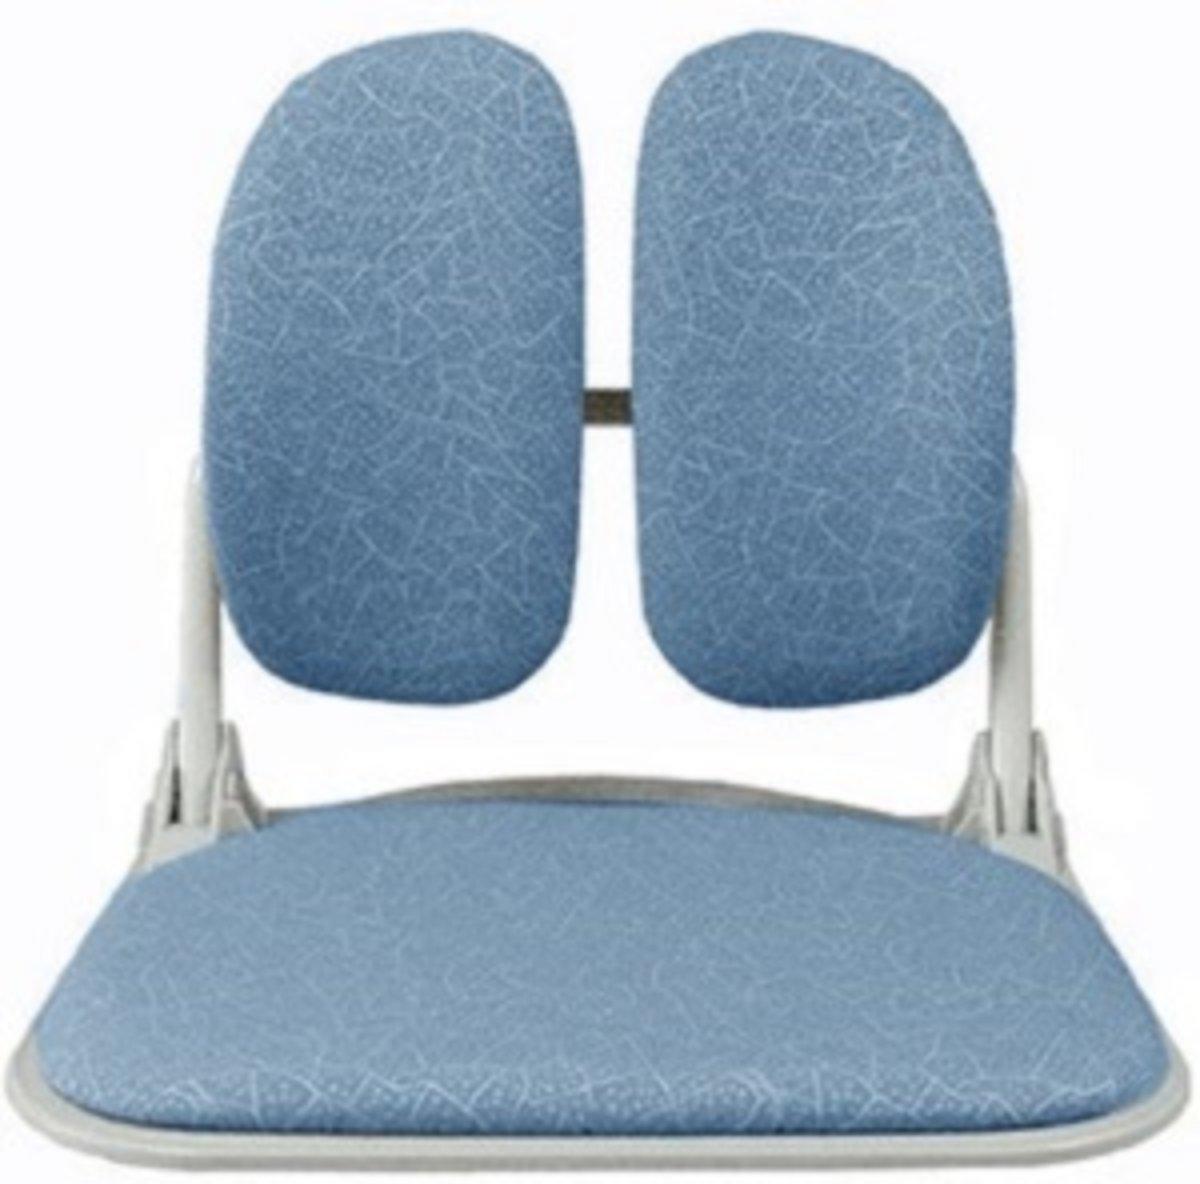 雙背腰墊 雙背和式座墊 DR-920T (藍色)